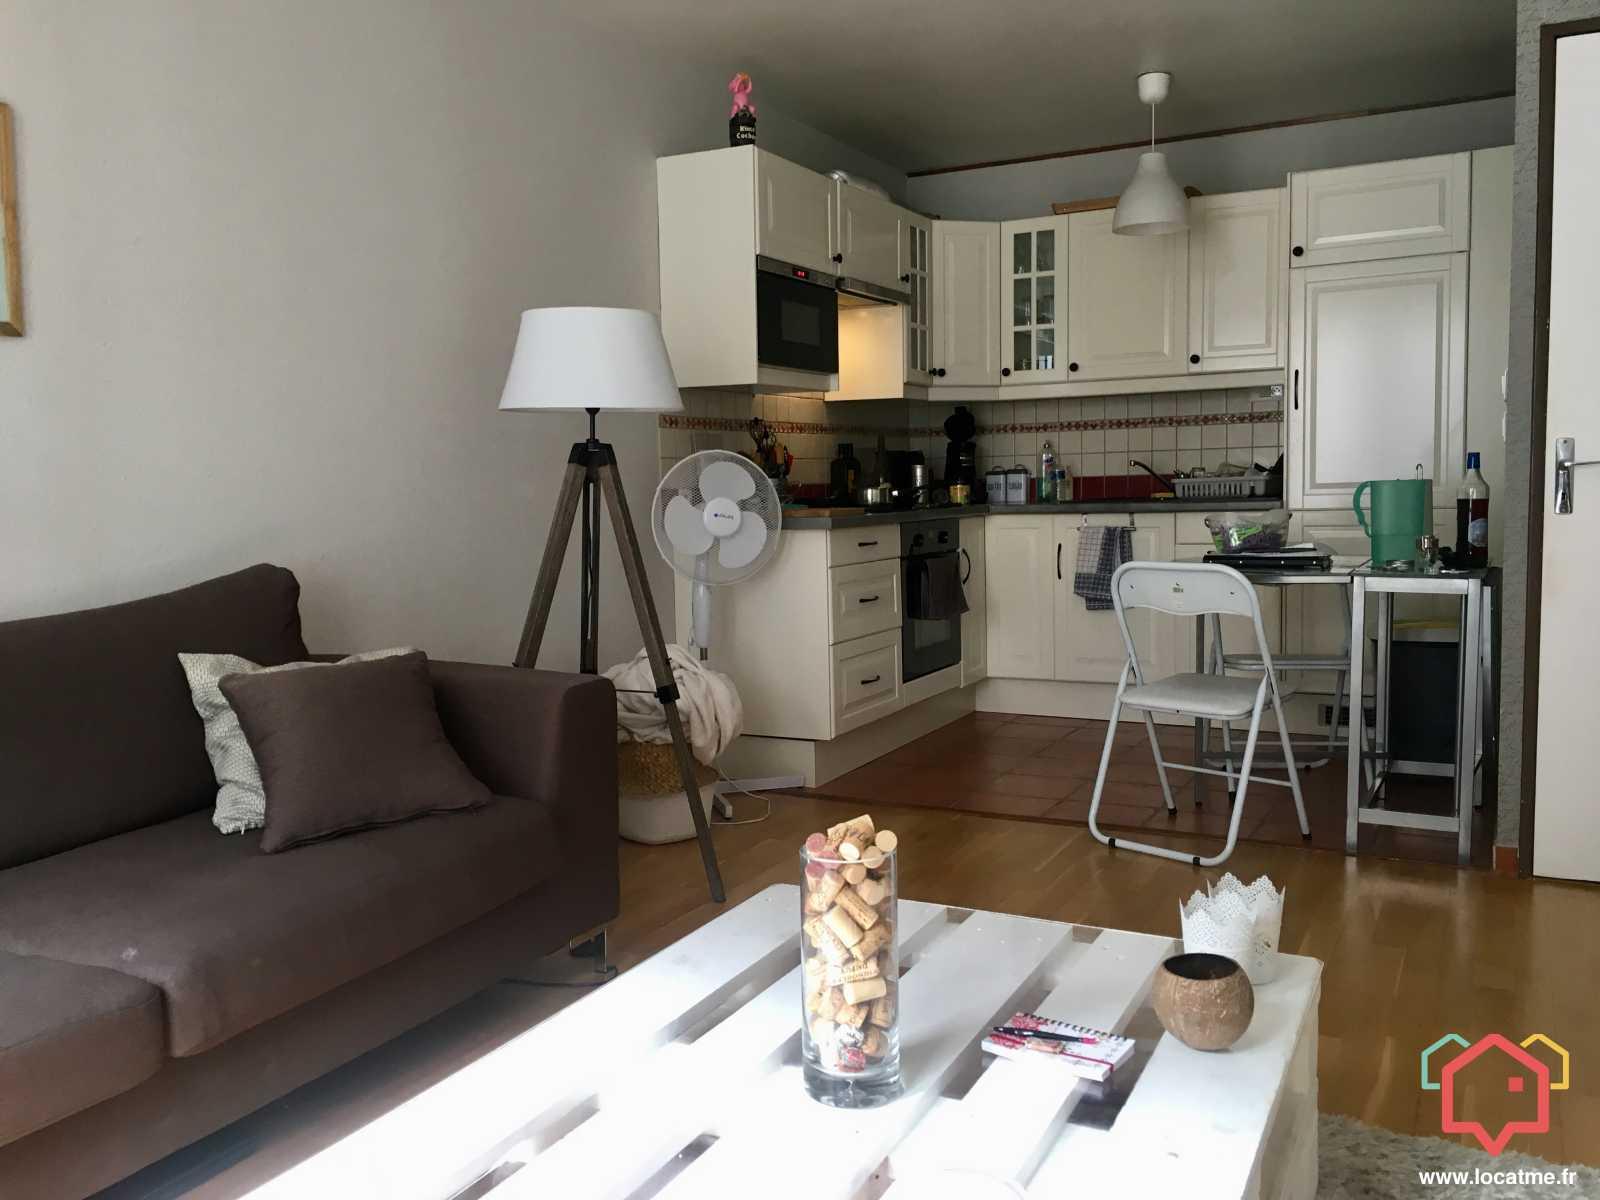 Appartement Non Meublé à Louer à Besançon